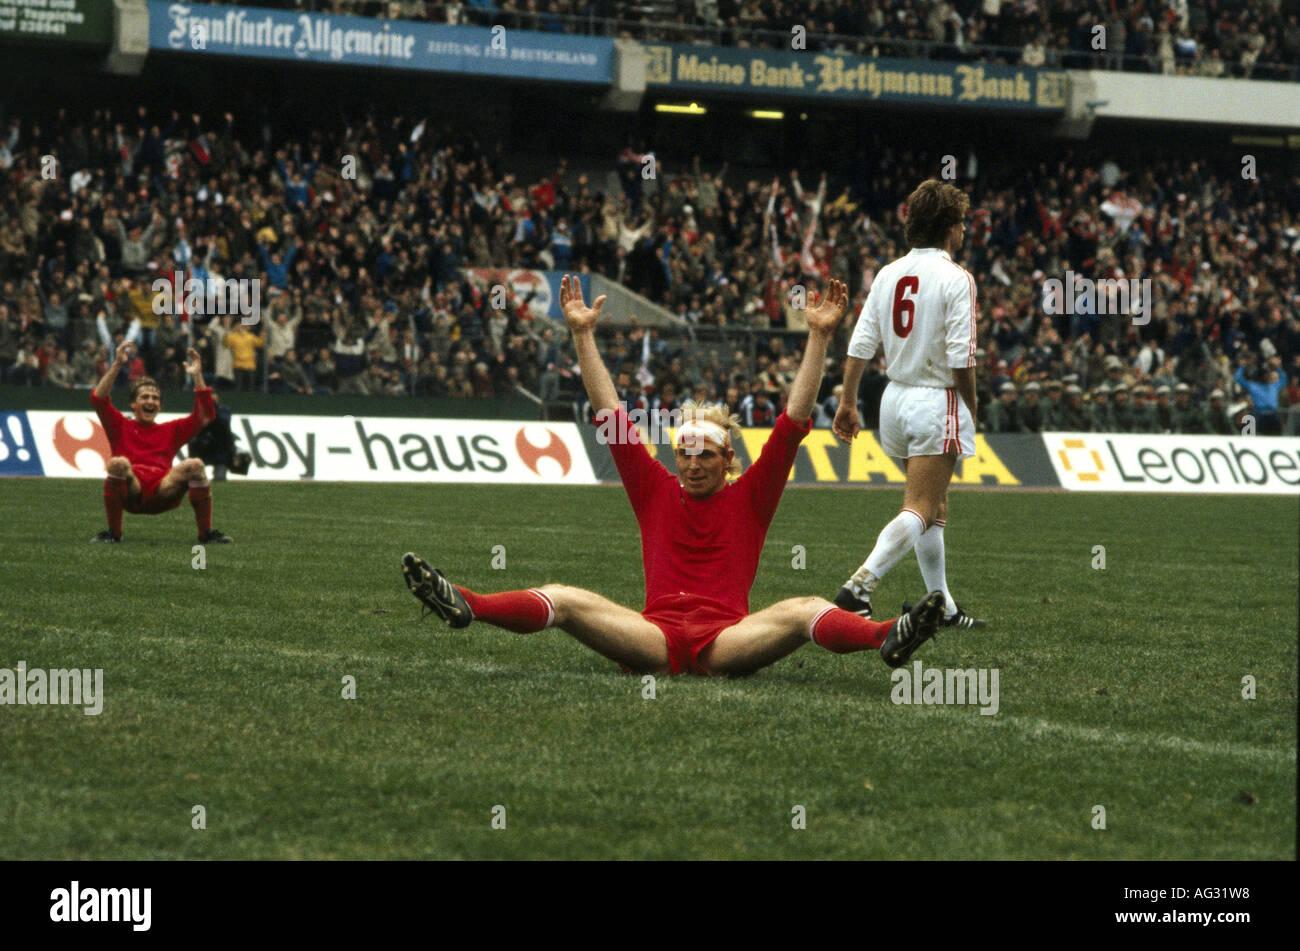 Hoeneß, Dieter, * 7.1.1953, deutscher Sportler (Fußball/Fußball), volle Länge, DFB-Finale Fc Stockbild